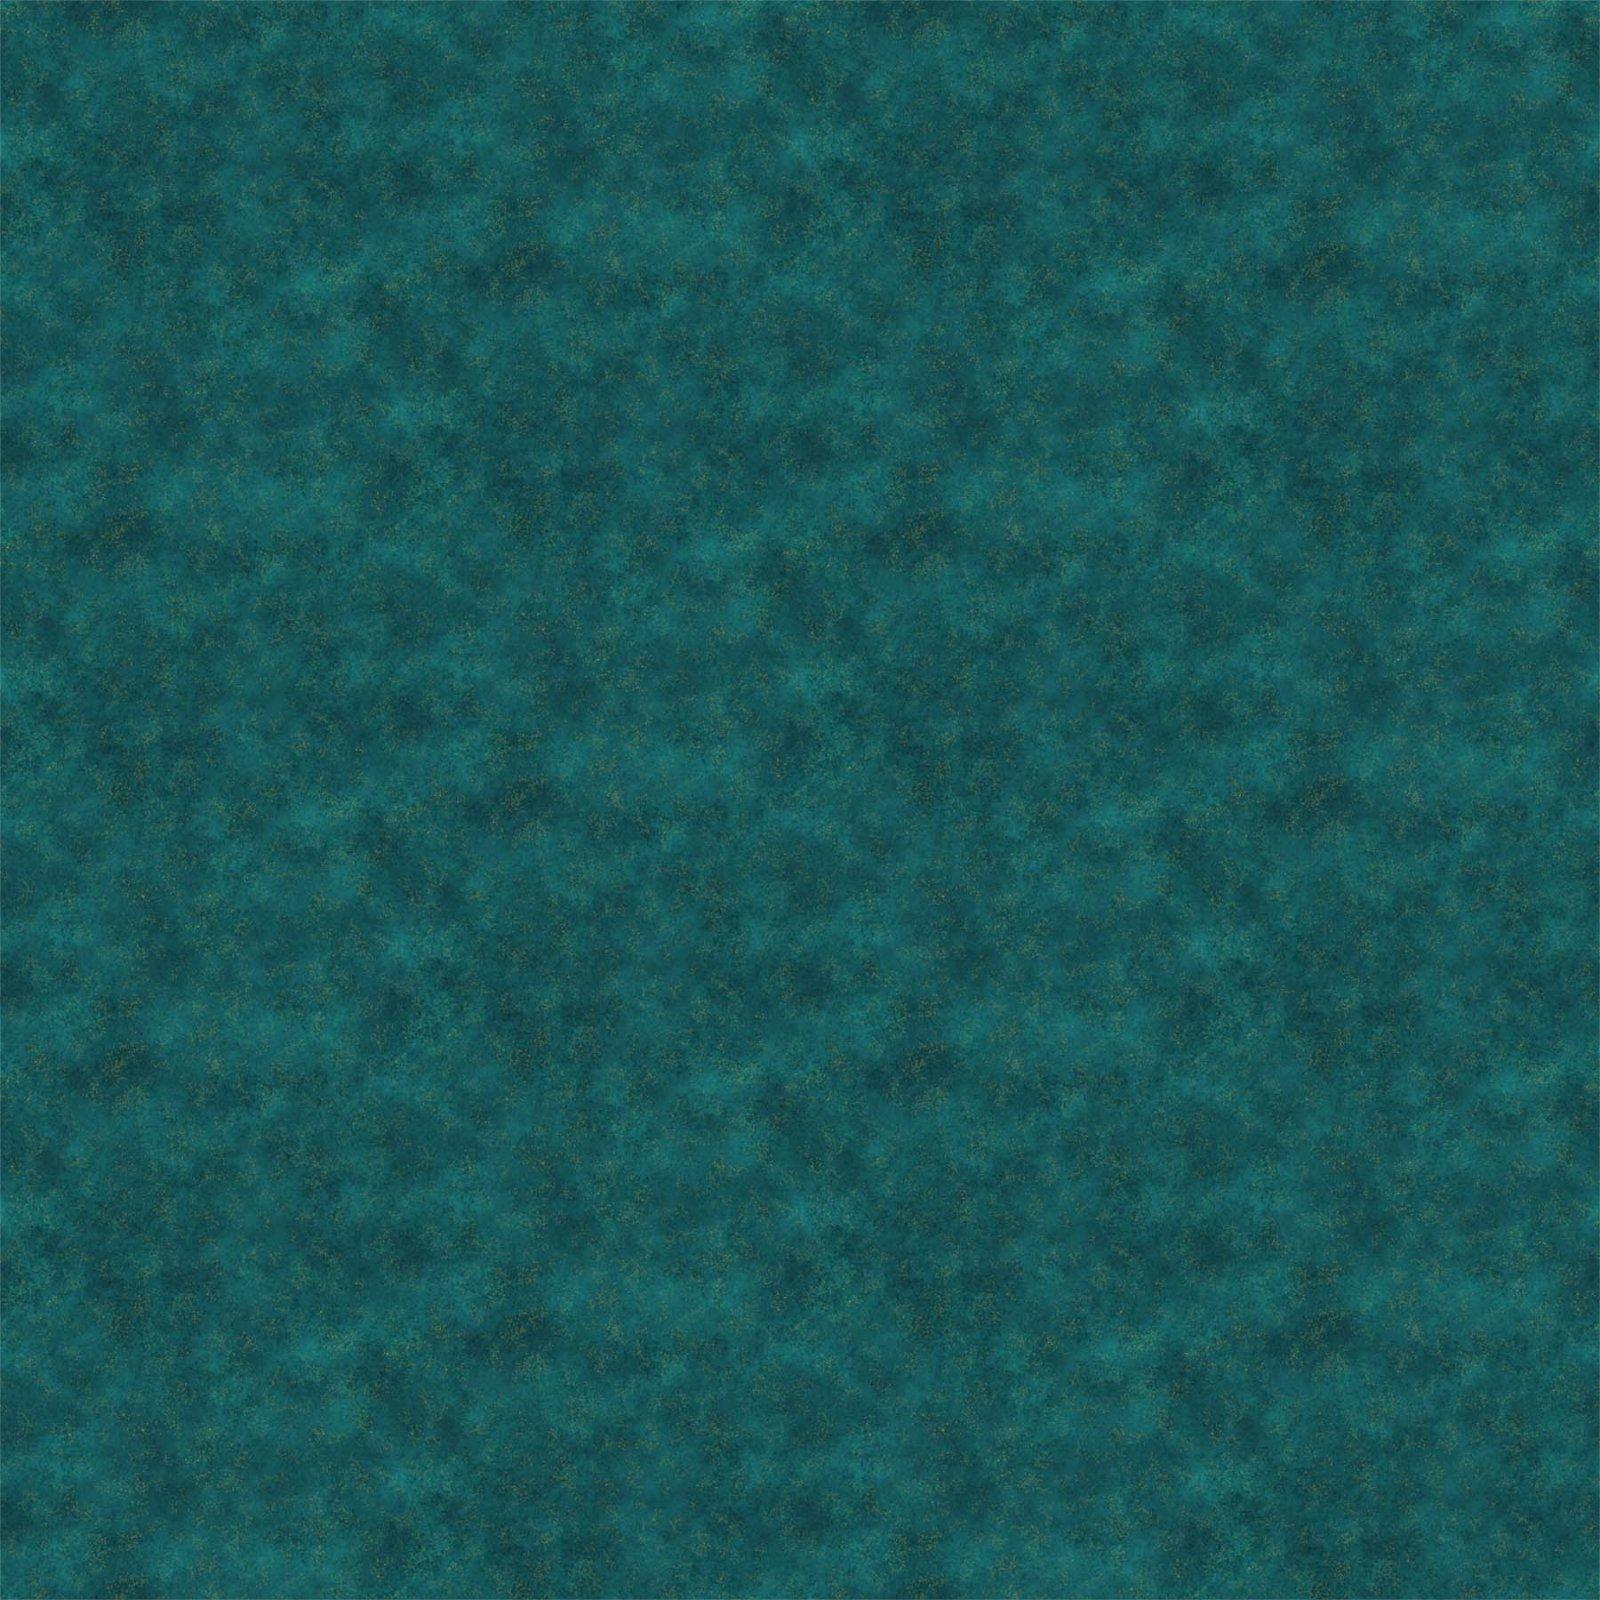 Shimmer - Radiance - Teal